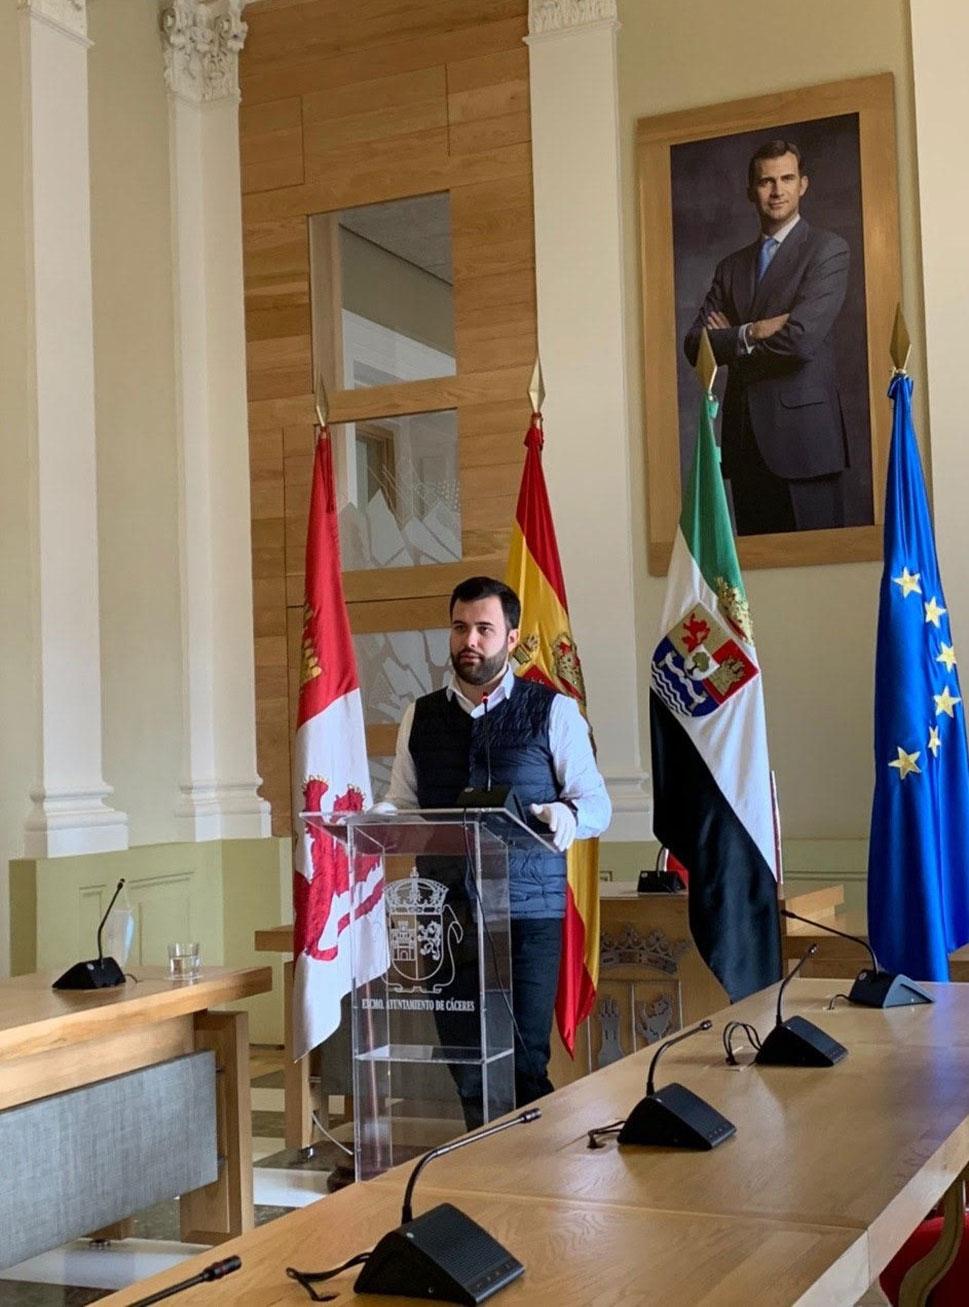 El Ayuntamiento de Cáceres ofrecerá los detalles sobre la salida de los niños con una campaña